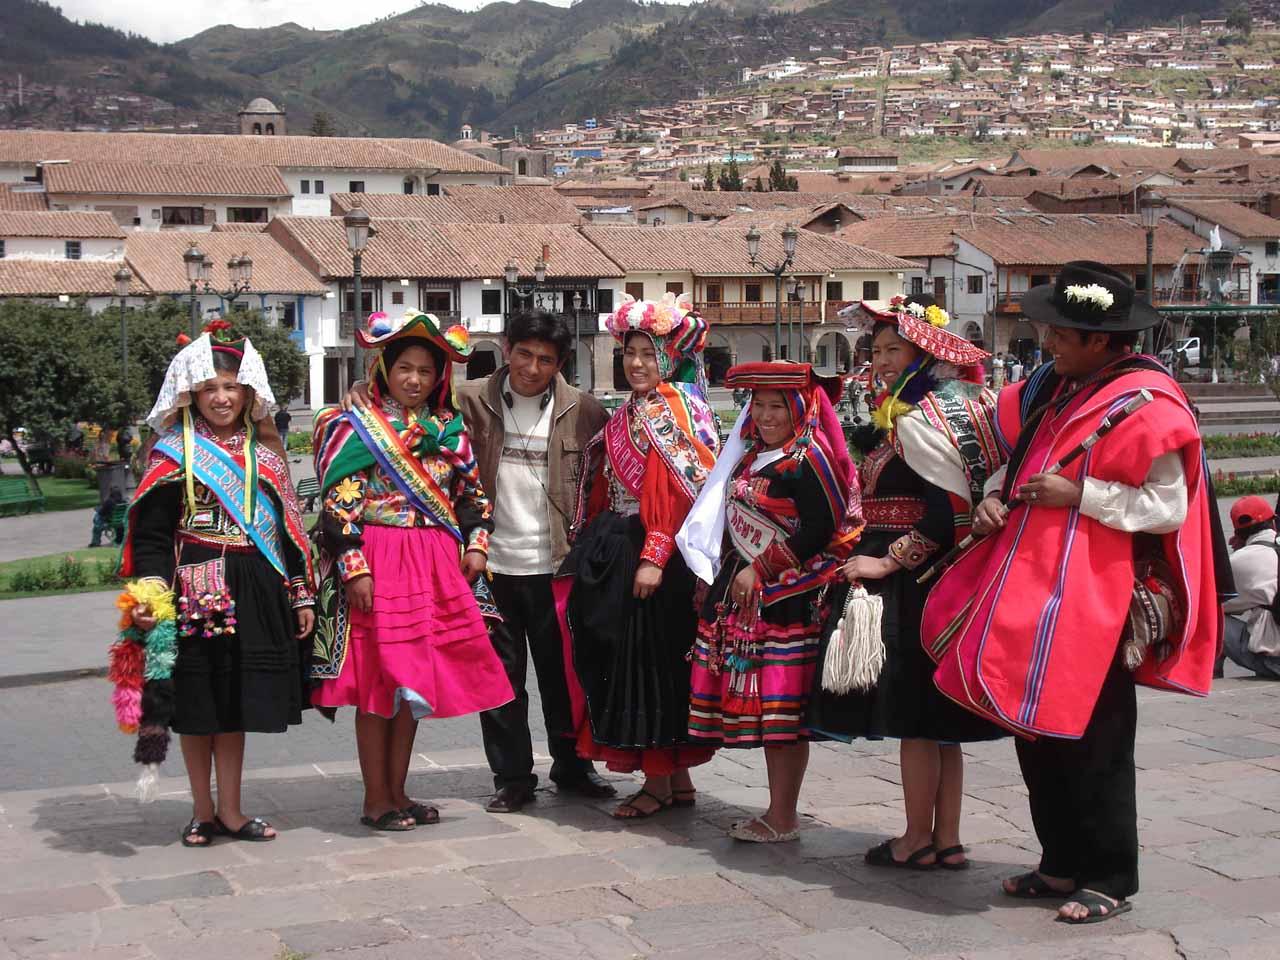 Peruvians in traditional attire